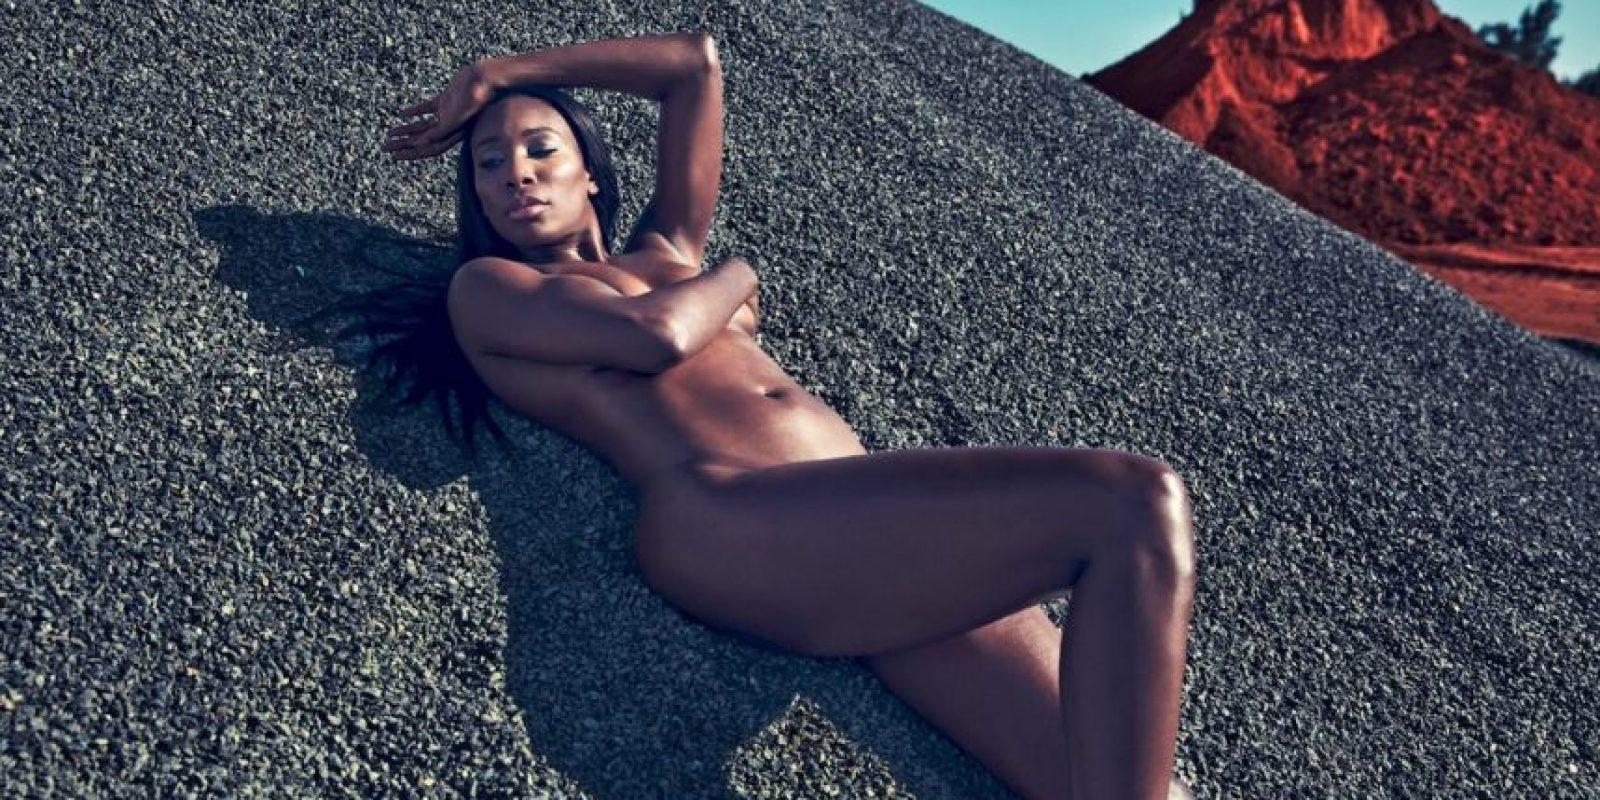 En total, Venus Williams ha ganado de forma individual siete títulos de Grand Slam y la medalla de oro en los Juegos Olímpicos 2000. Foto:ESPN